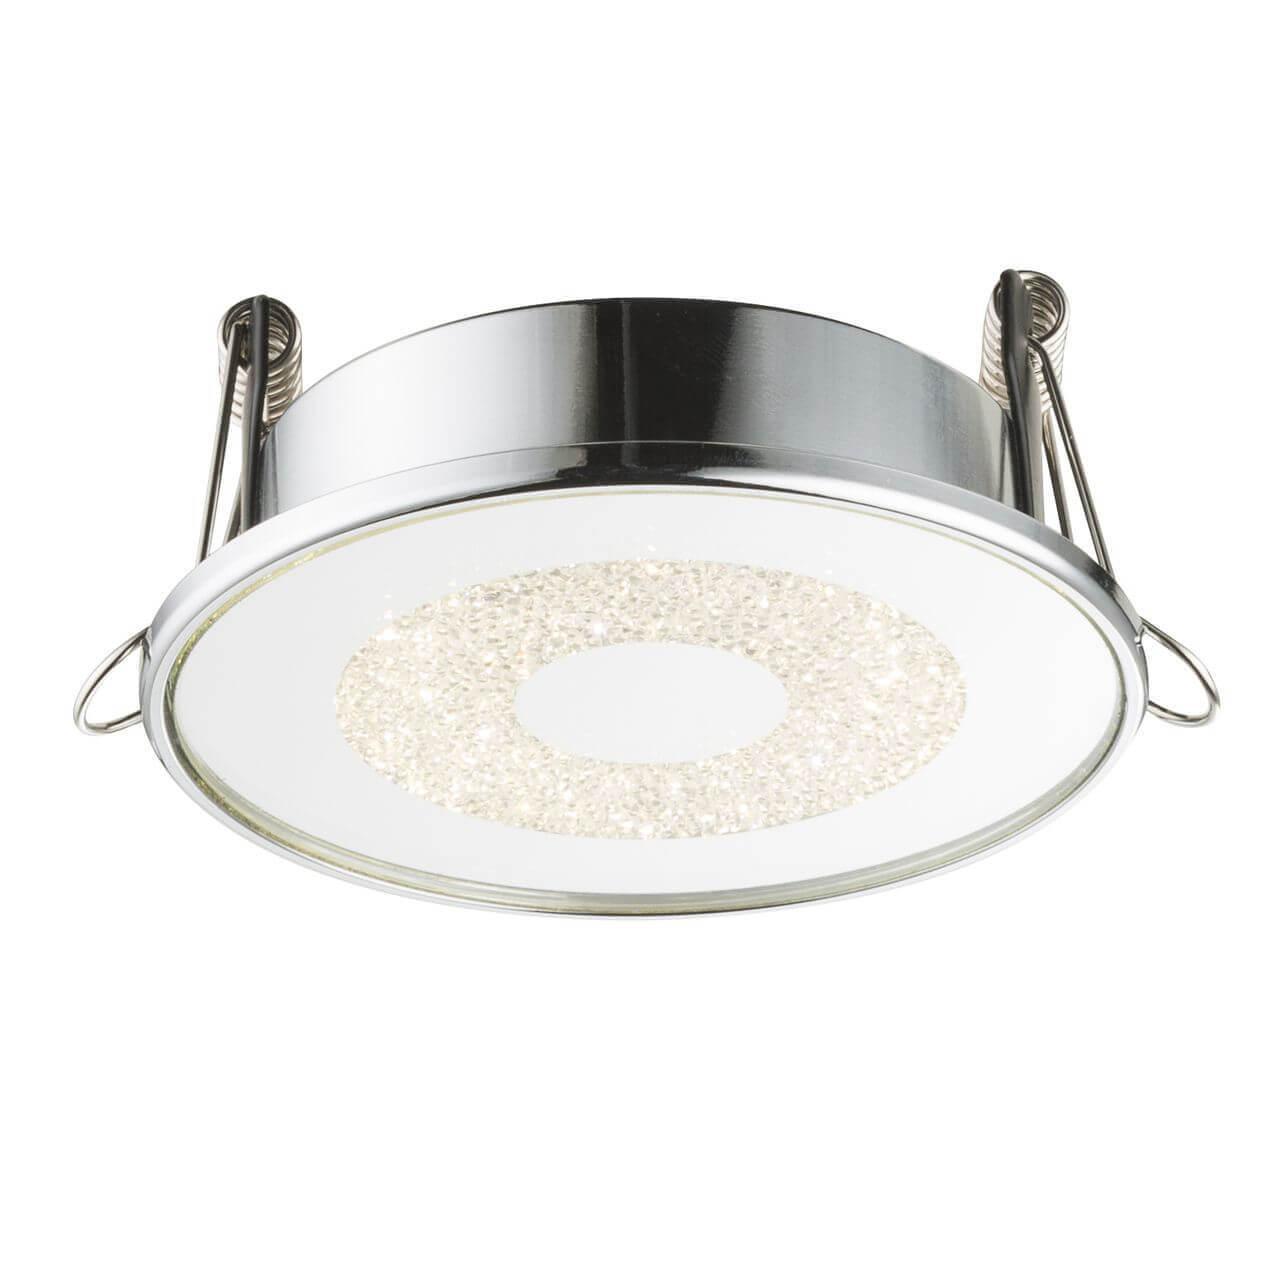 Встраиваемый светодиодный светильник Globo Manda 12005